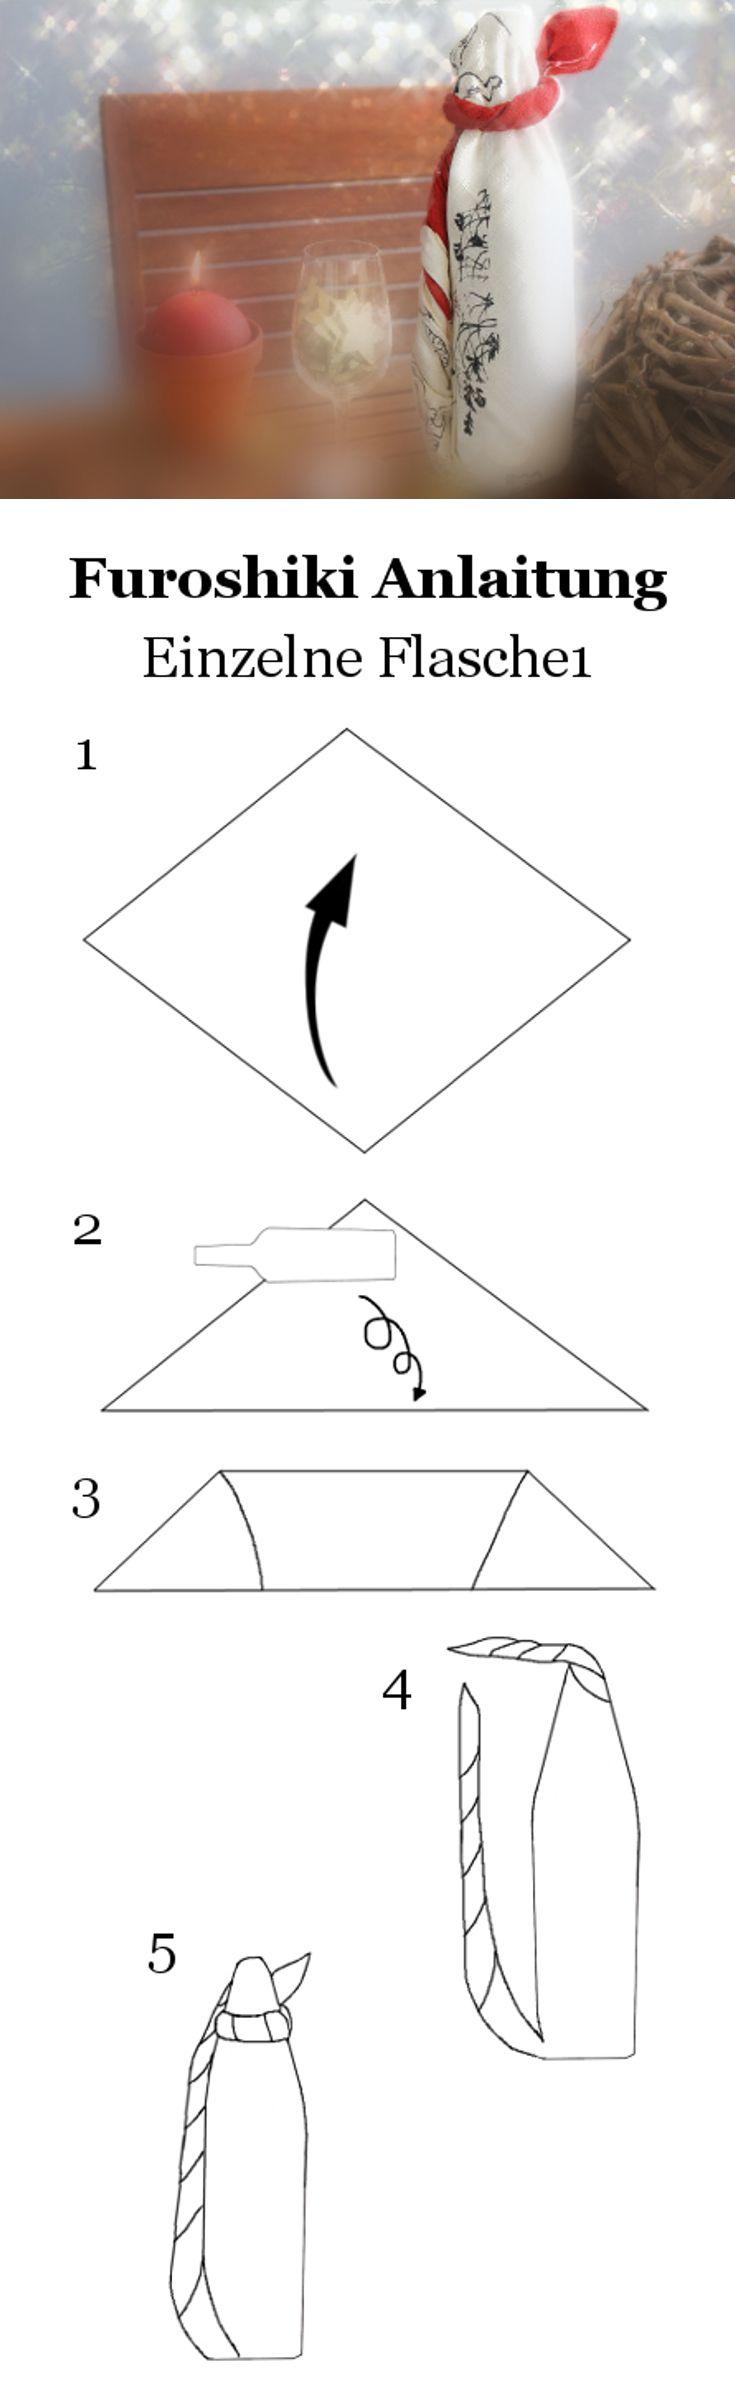 furoshiki anleitung eine flasche verpacken 1 furoshiki. Black Bedroom Furniture Sets. Home Design Ideas